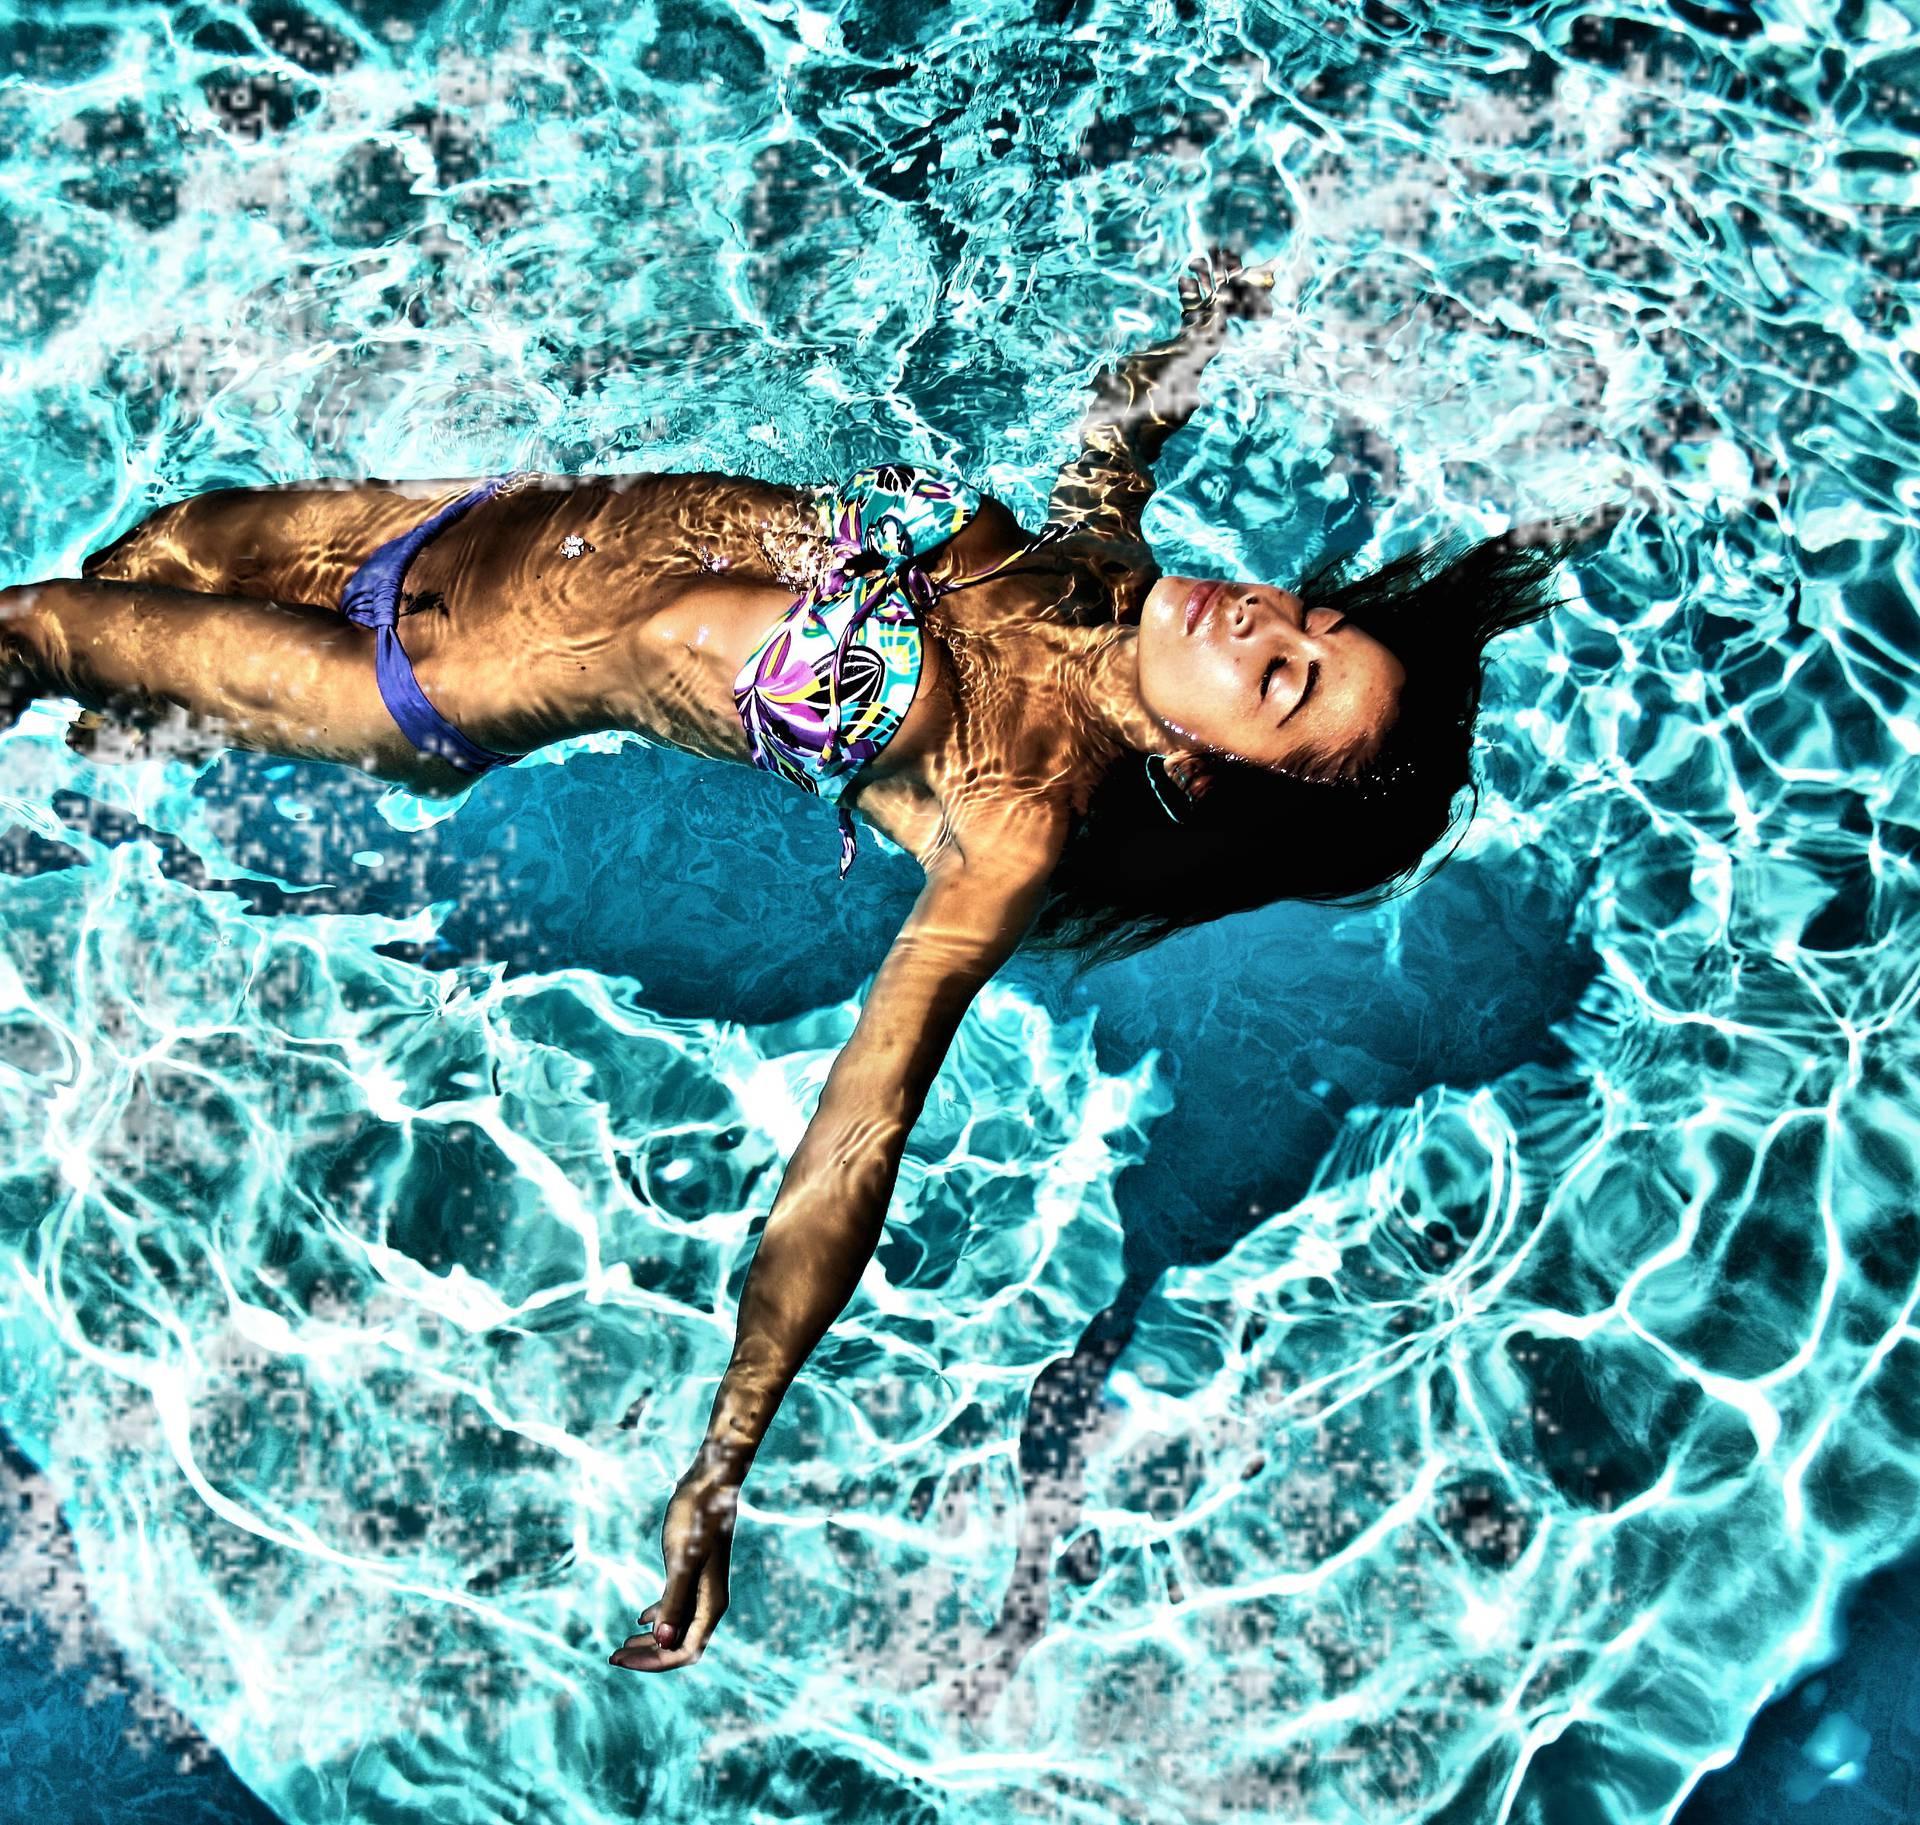 Ljetni snovi: Veliki val je bijes, a plaža potreba za opuštanjem